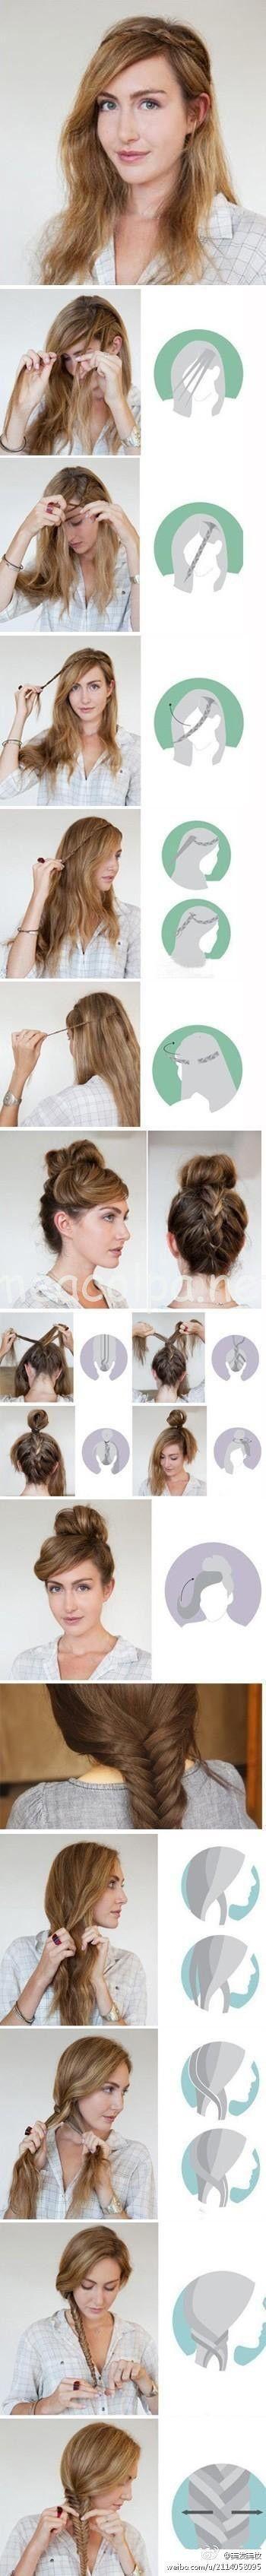 Διάφορα εύκολα χτενίσματα για μακριά μαλλιά, για όλες τις ώρες και γούστα…. και με οδηγίες παρακαλώ..